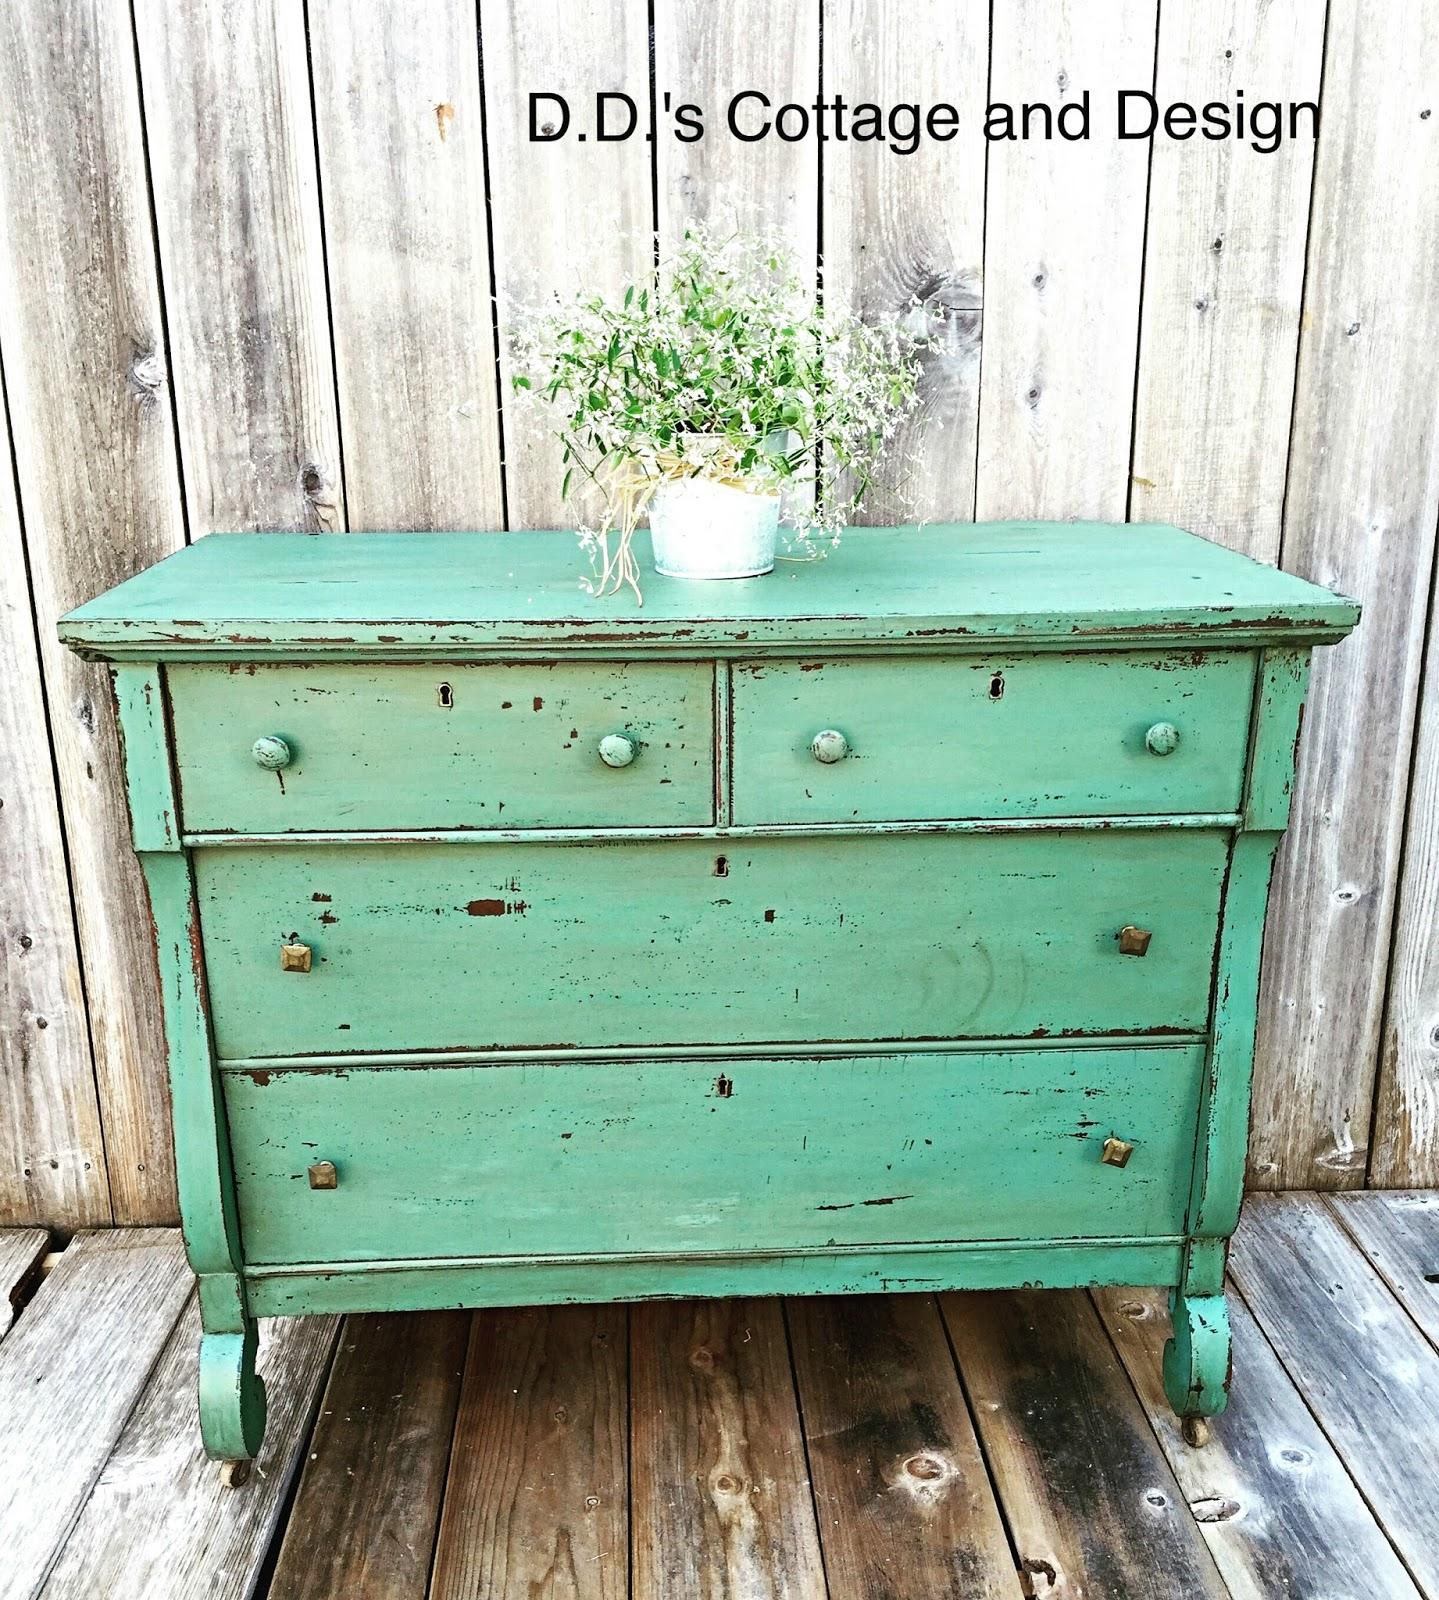 D.D.\'s Cottage and Design: Kitchen Scale Milk Paint Dresser